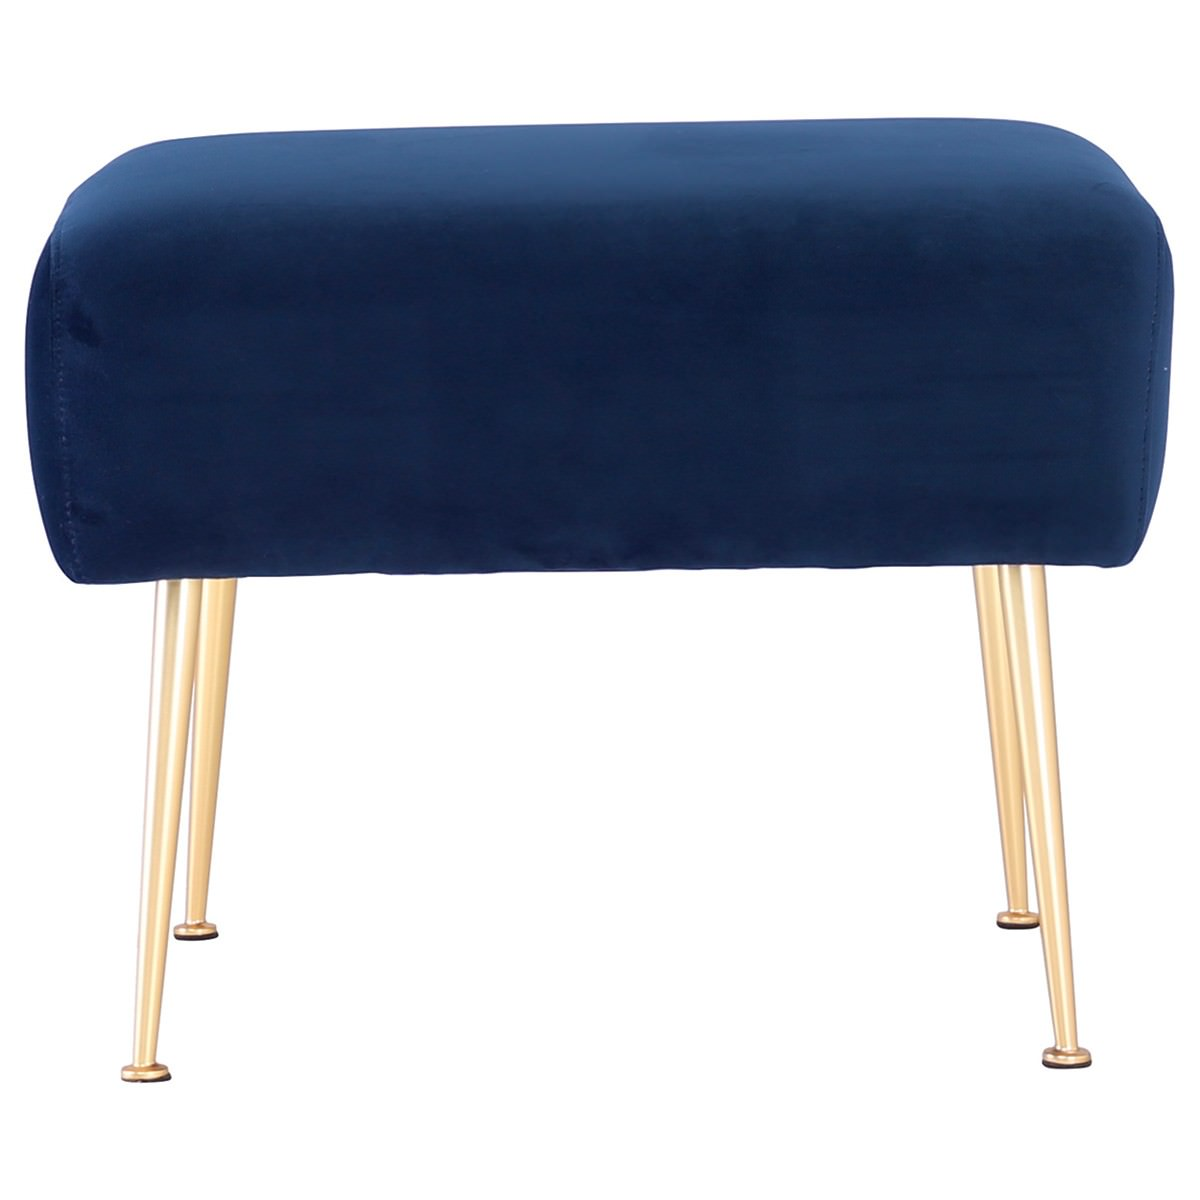 Alero Commercial Grade Veloutine Fabric Ottoman, Midnight Blue